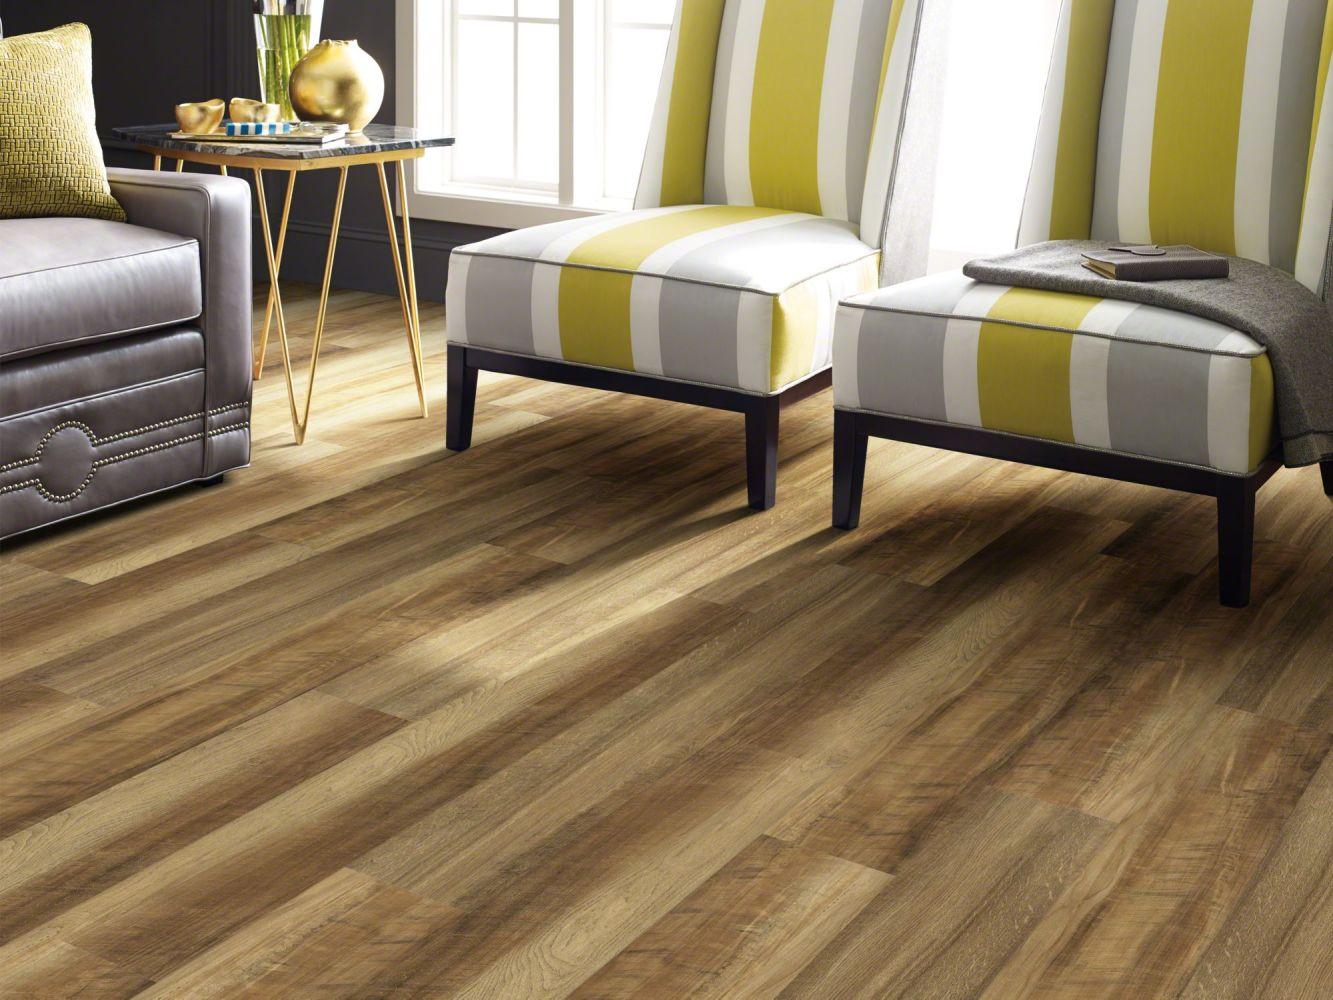 Shaw Floors Resilient Residential Endura 512g Plus Tawny Oak 00203_0802V